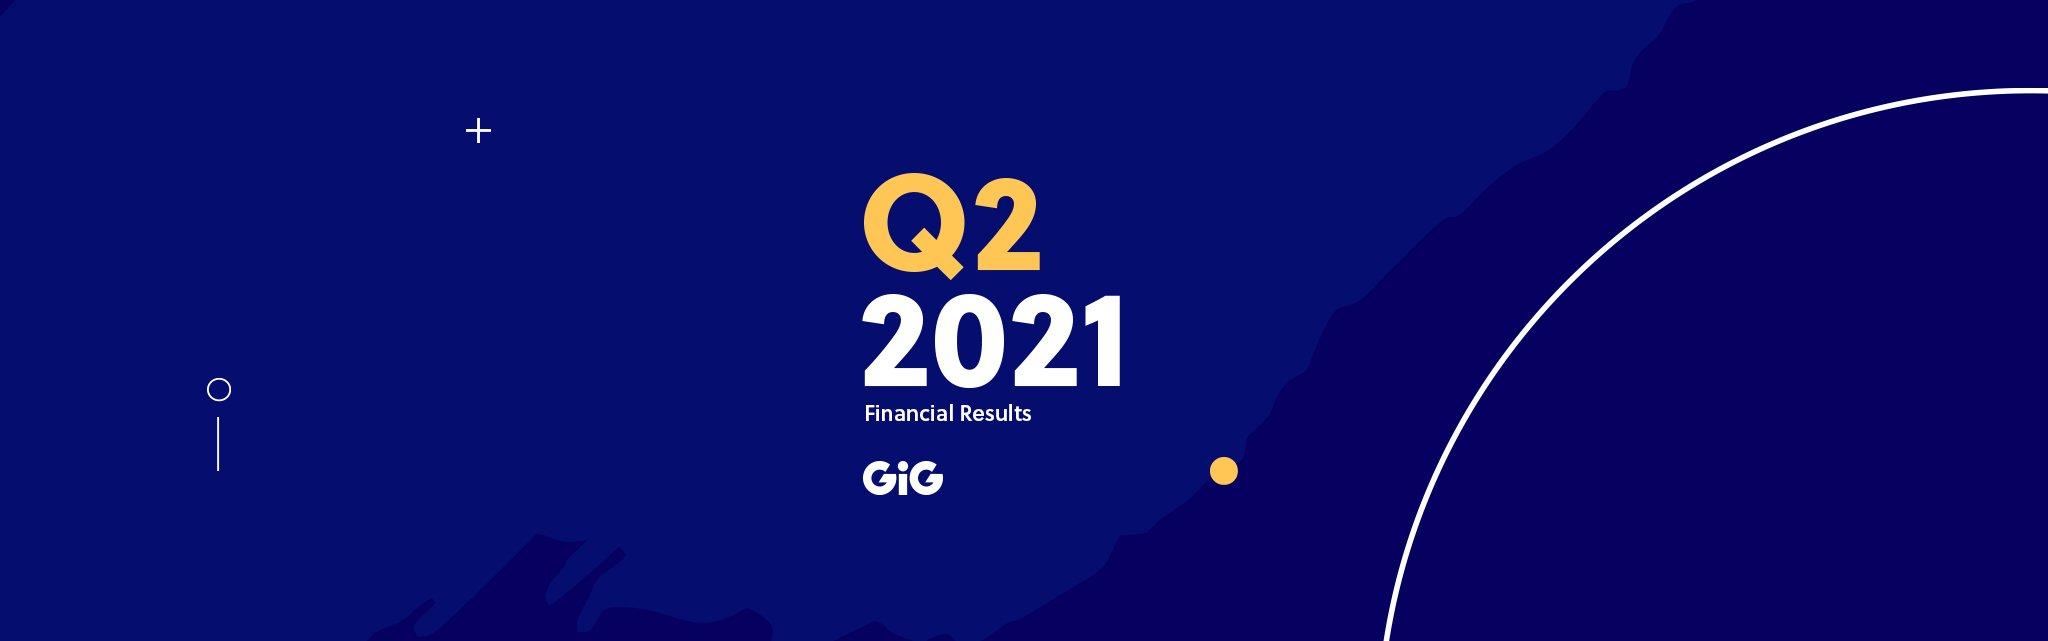 GiG Q2 2021